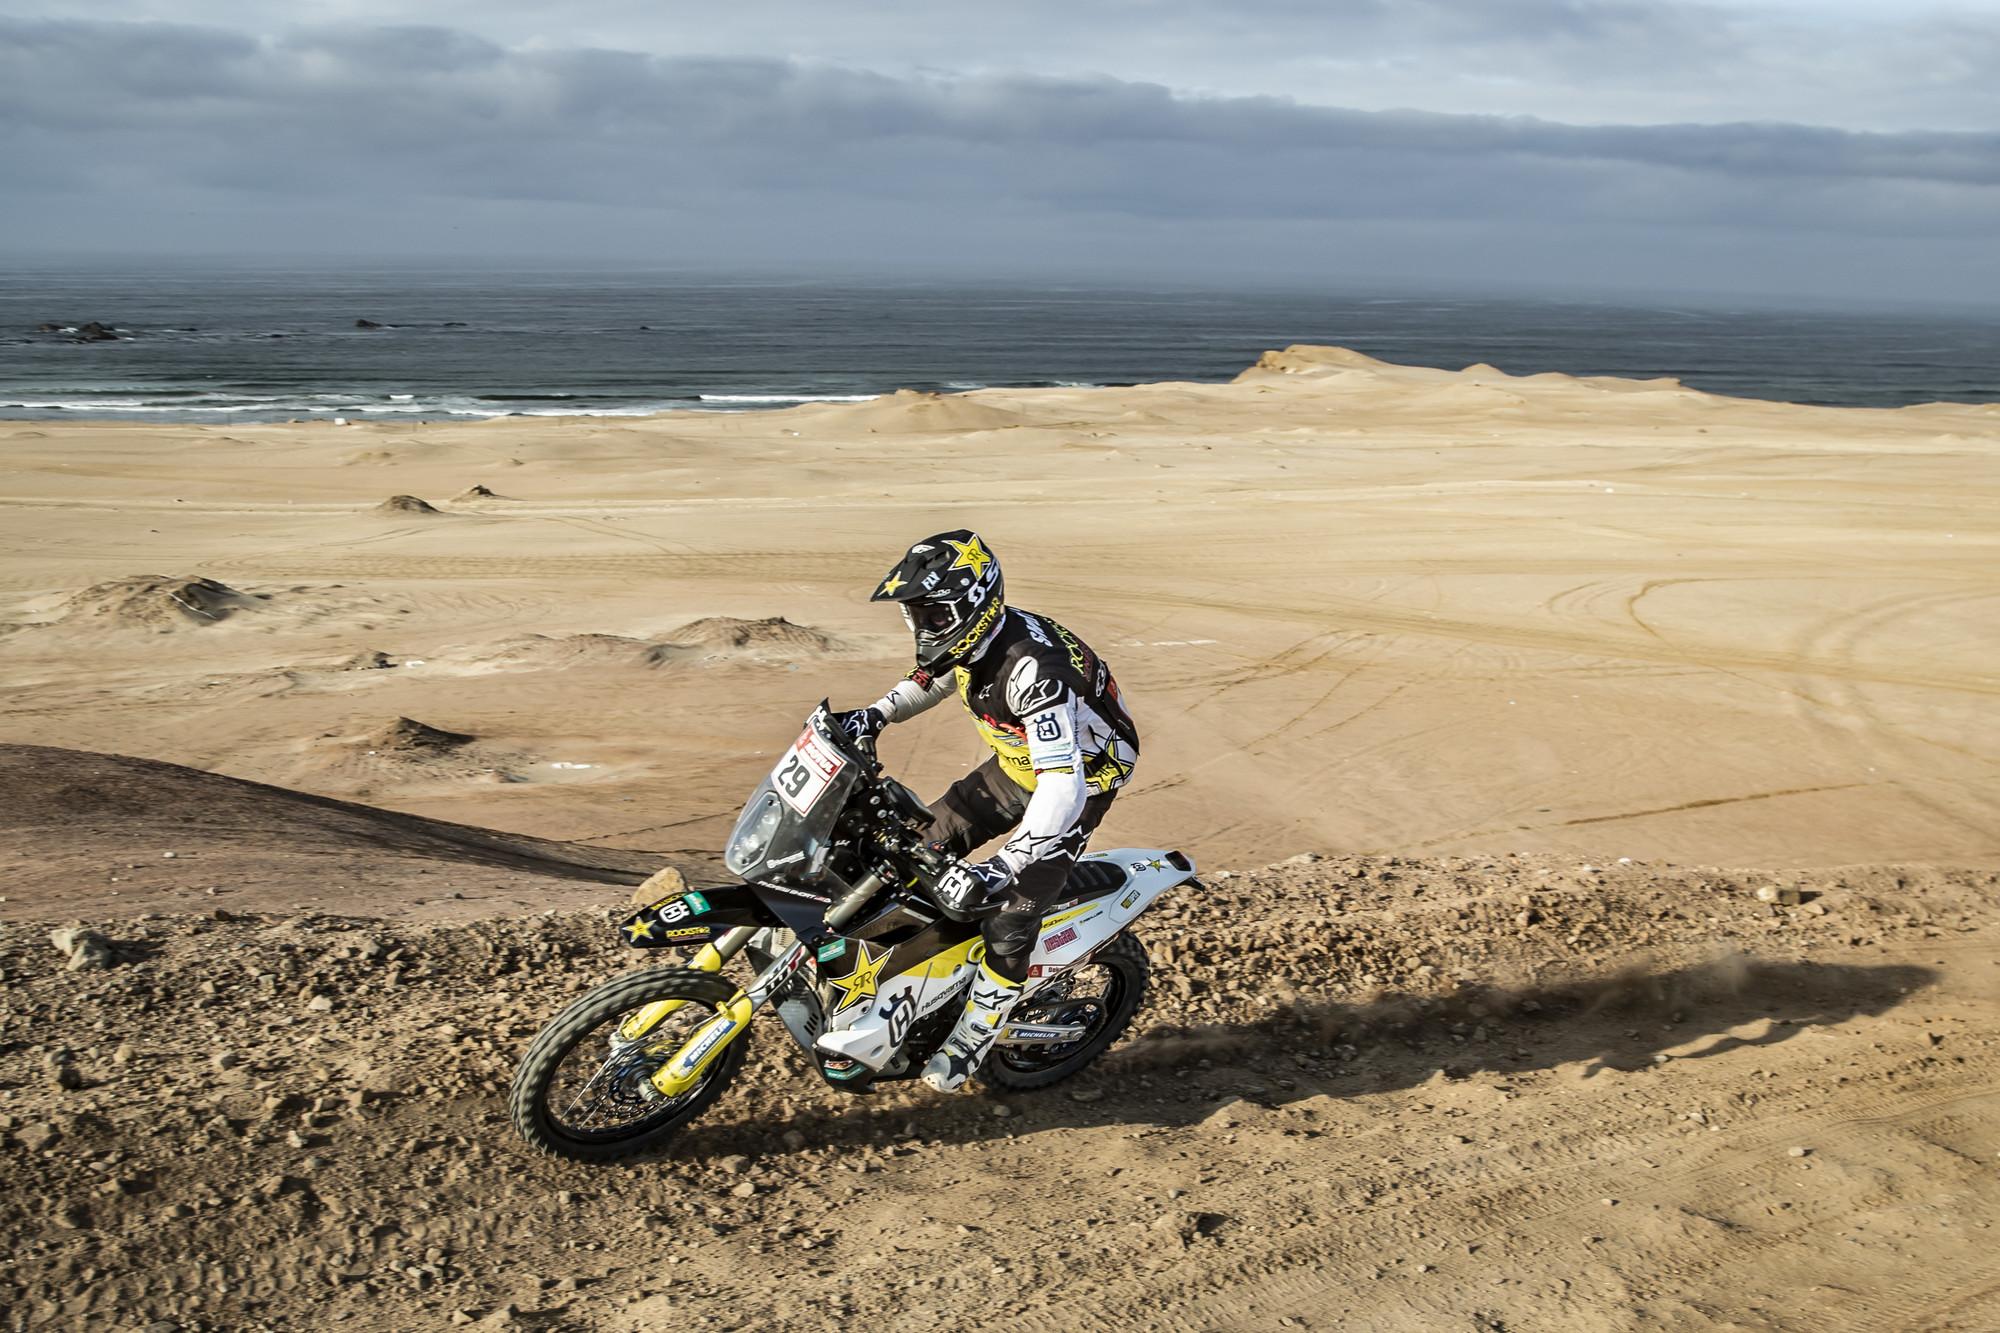 55629_andrew.short_stage7_Rockstar Energy Husqvarna Factory Racing_Dakar2019_125.jpg